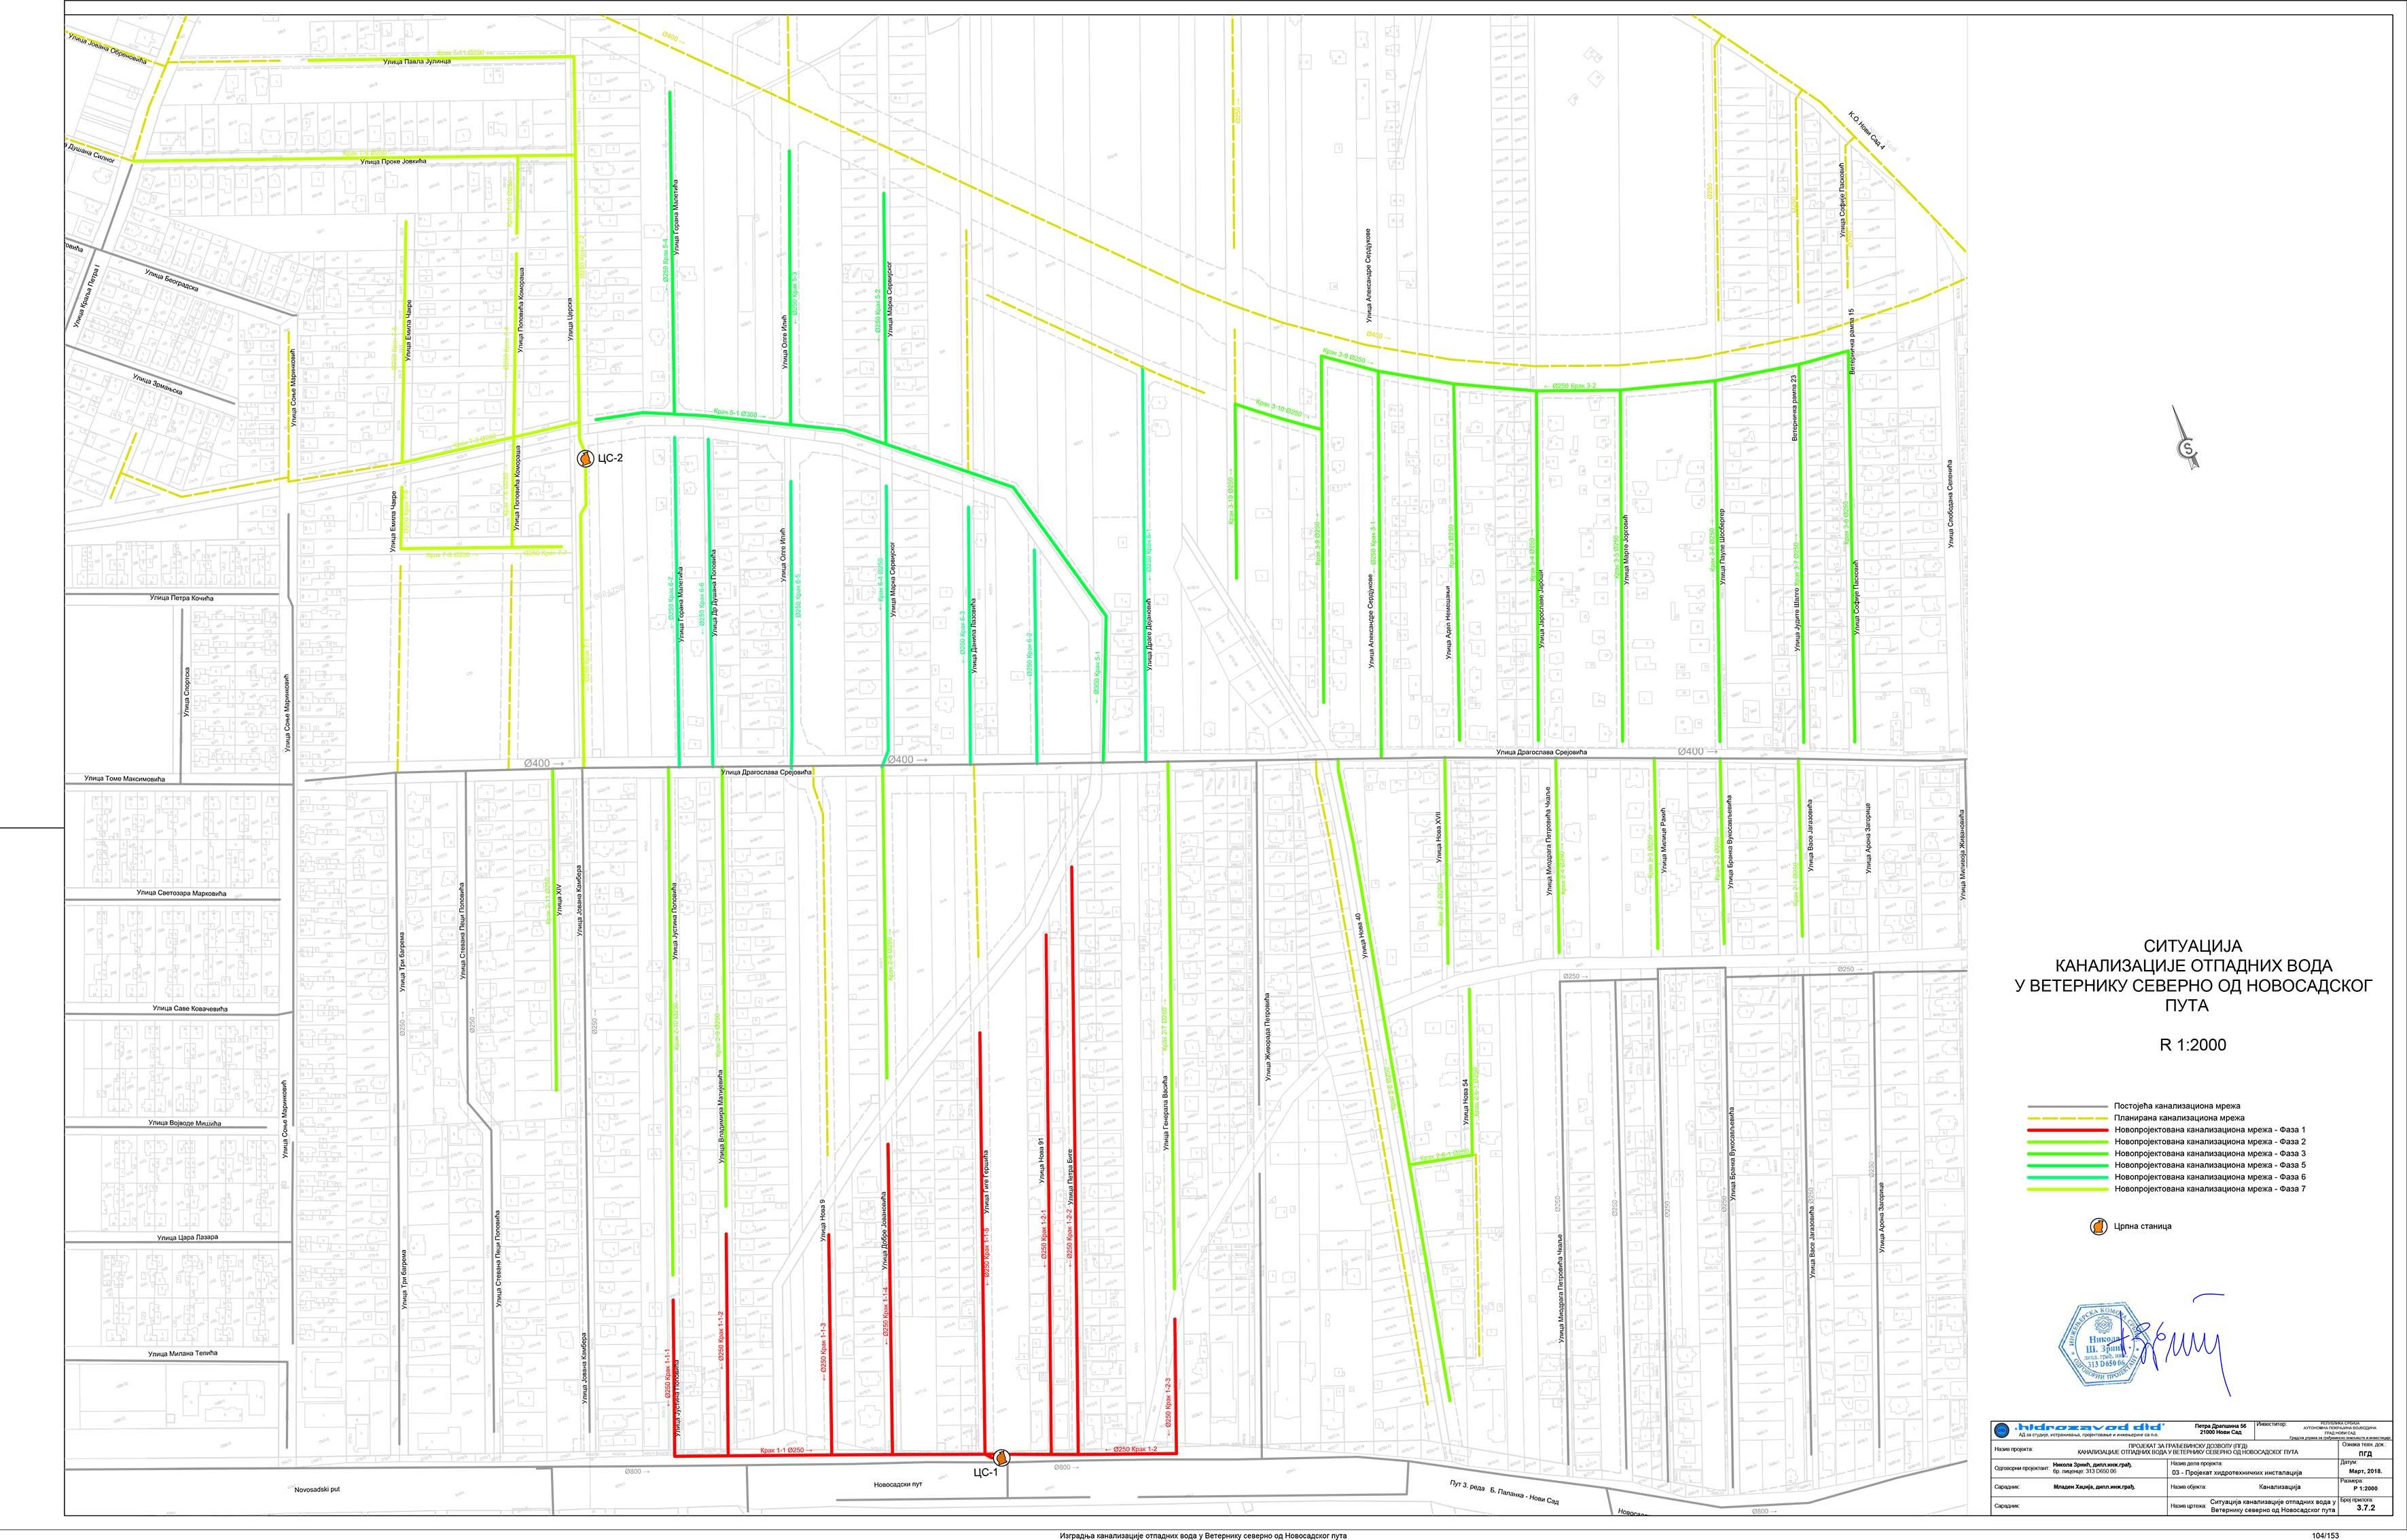 ВЕТЕРНИК: Град инвестира 215 милиона динара у изградњу канализационе мреже